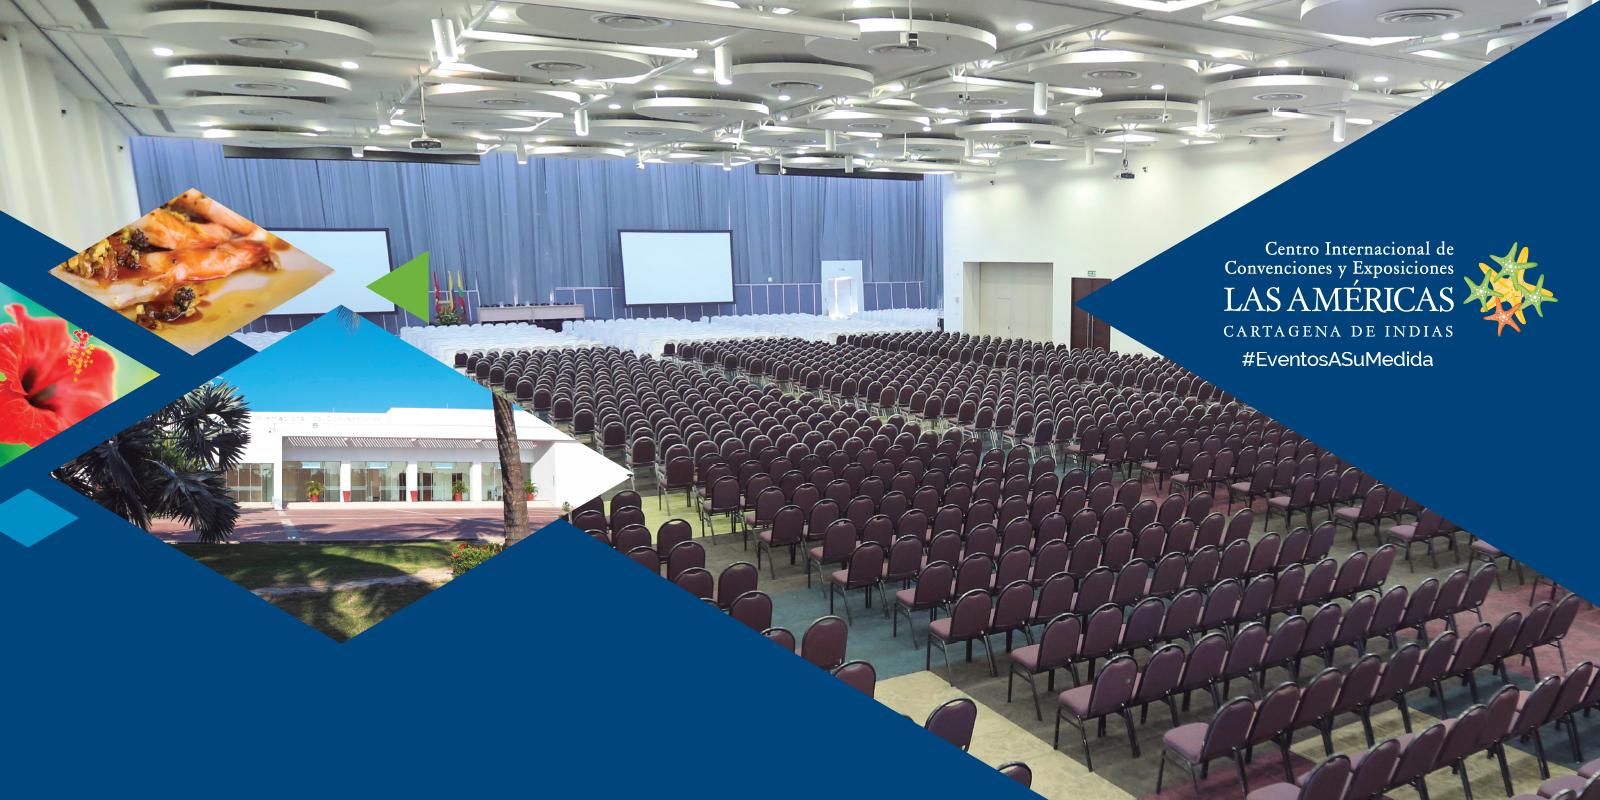 Centro Internacional de Convenciones y Exposiciones Las Américas